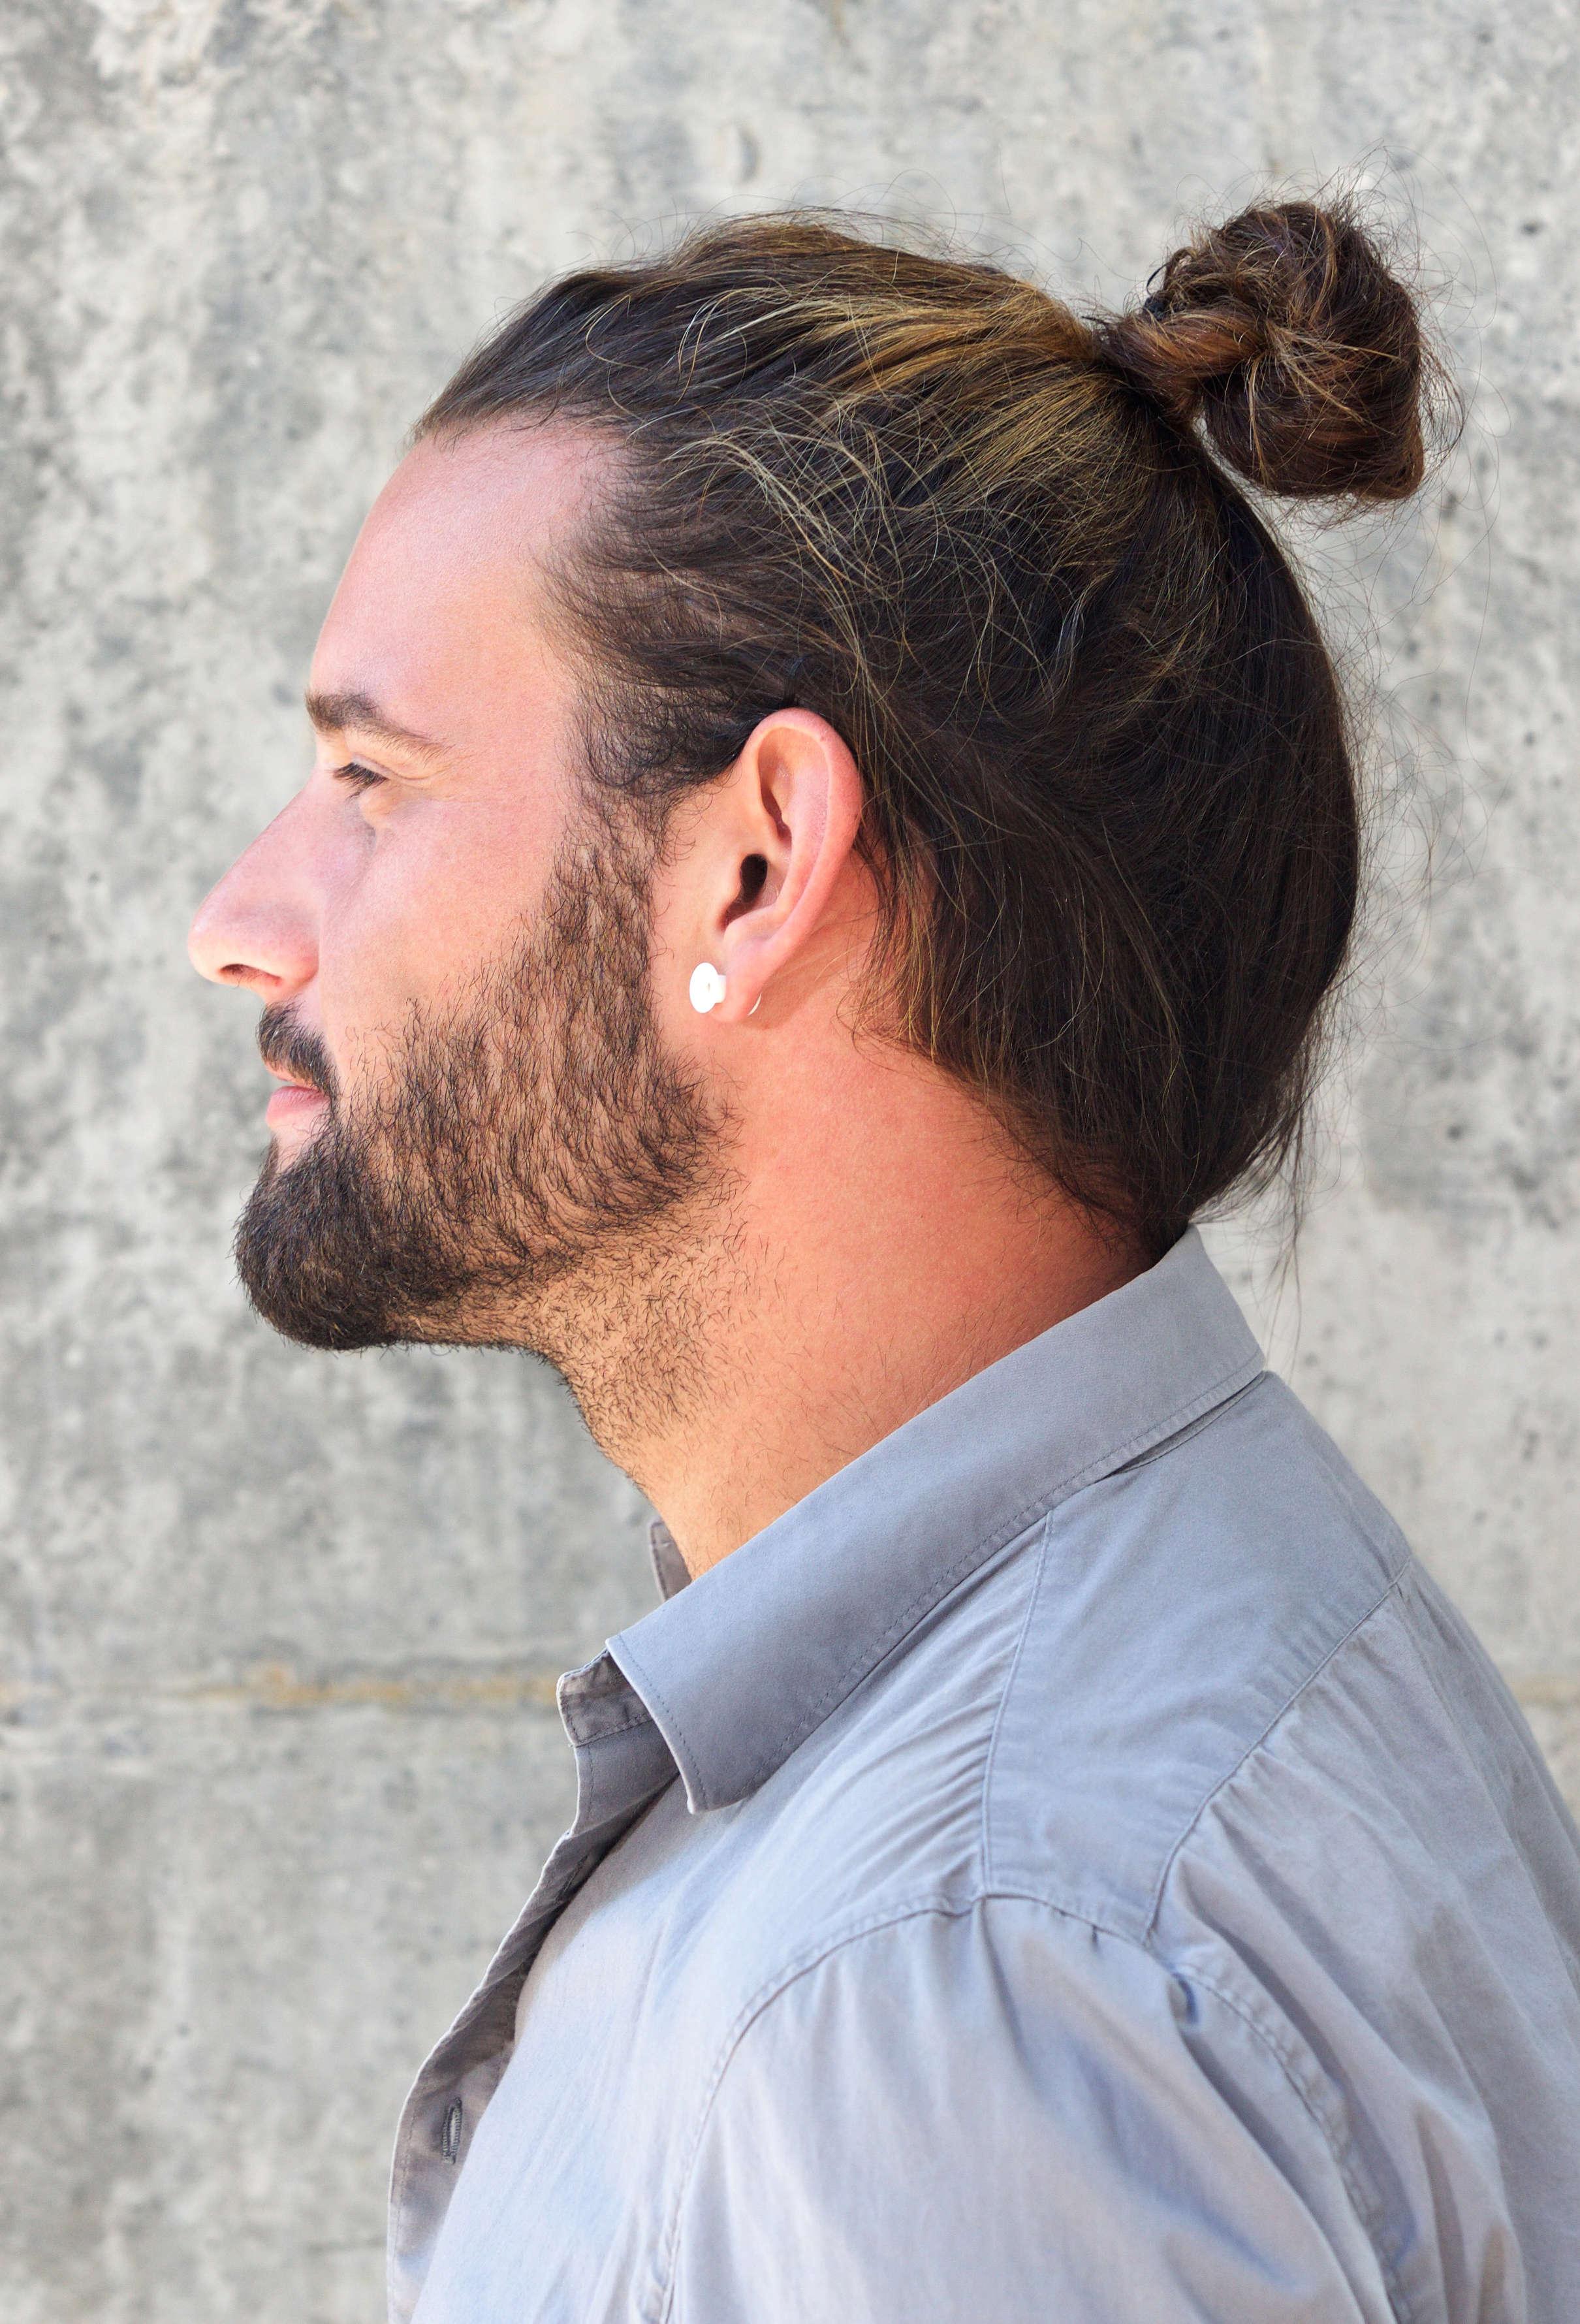 Hair Cutting Style Name - Bun